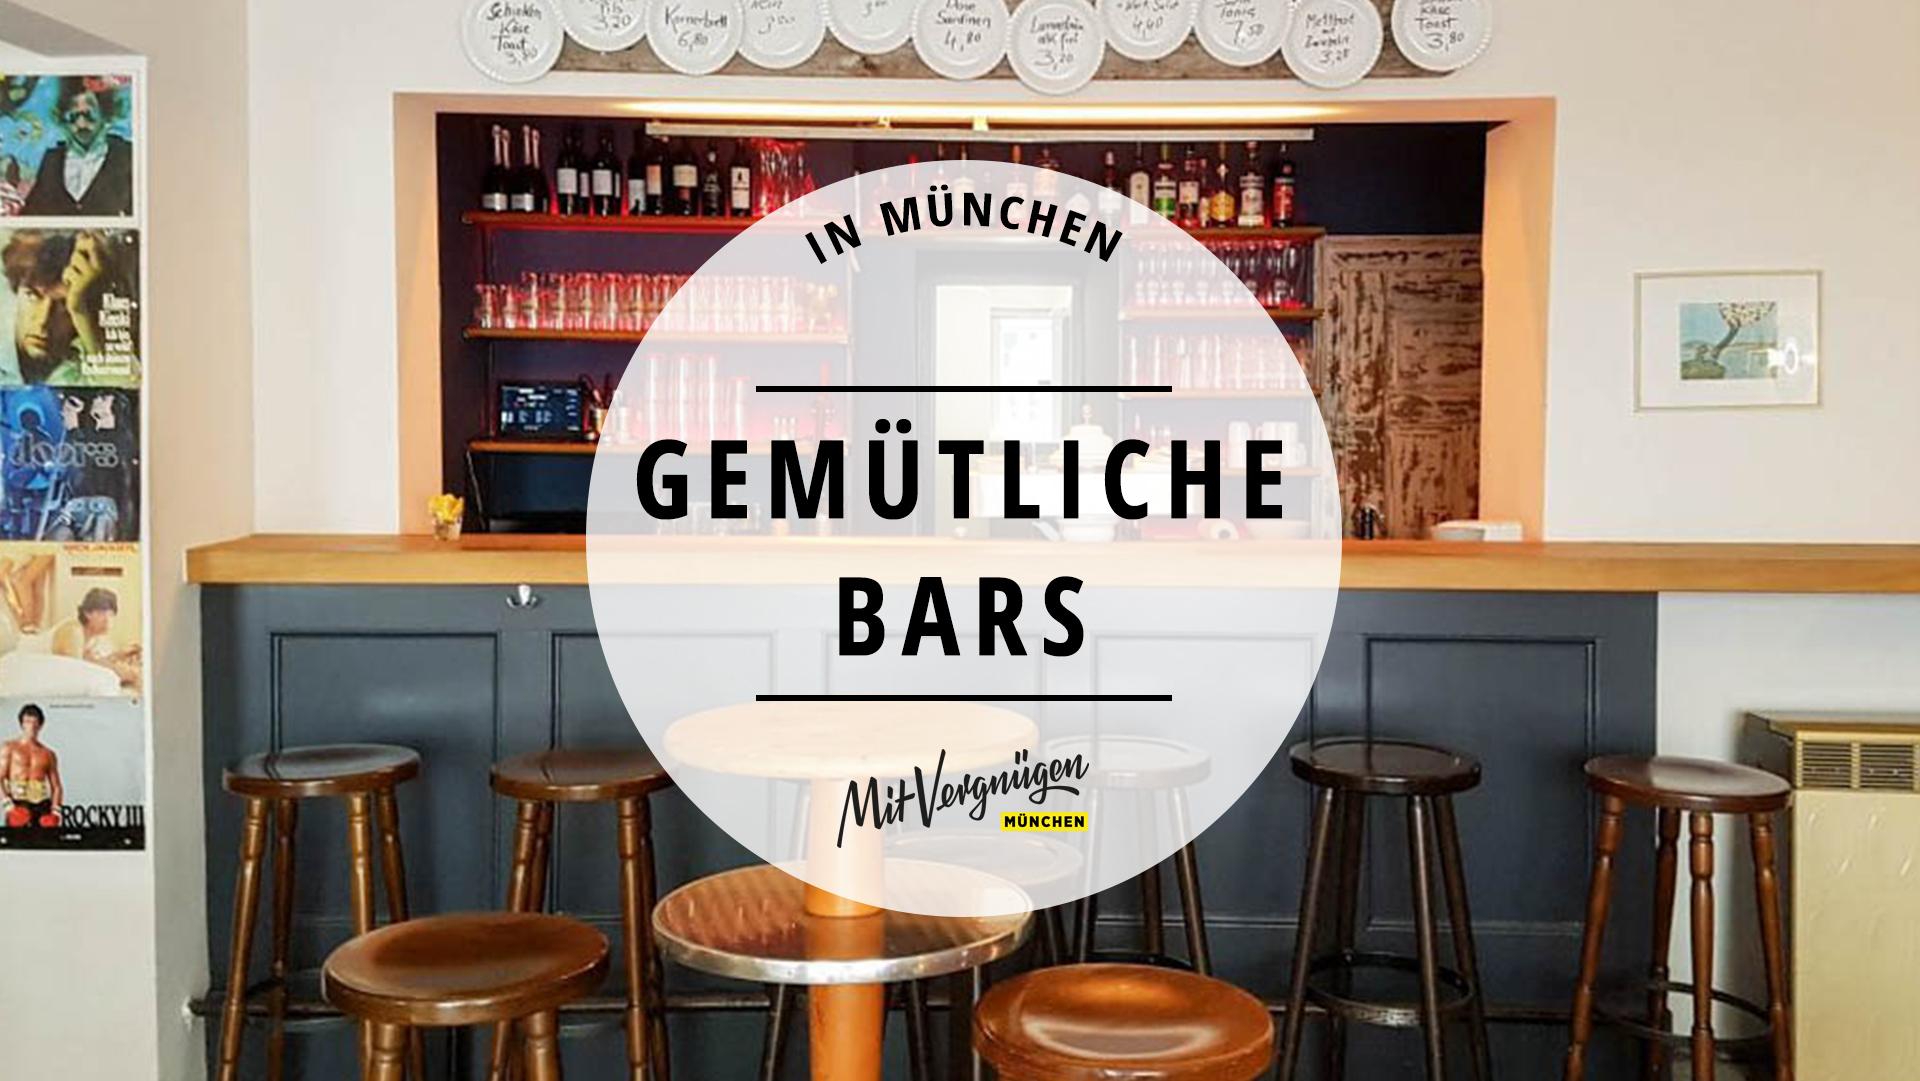 21 Gemütliche Bars In München Ohne Schickimicki Mit Vergnügen München